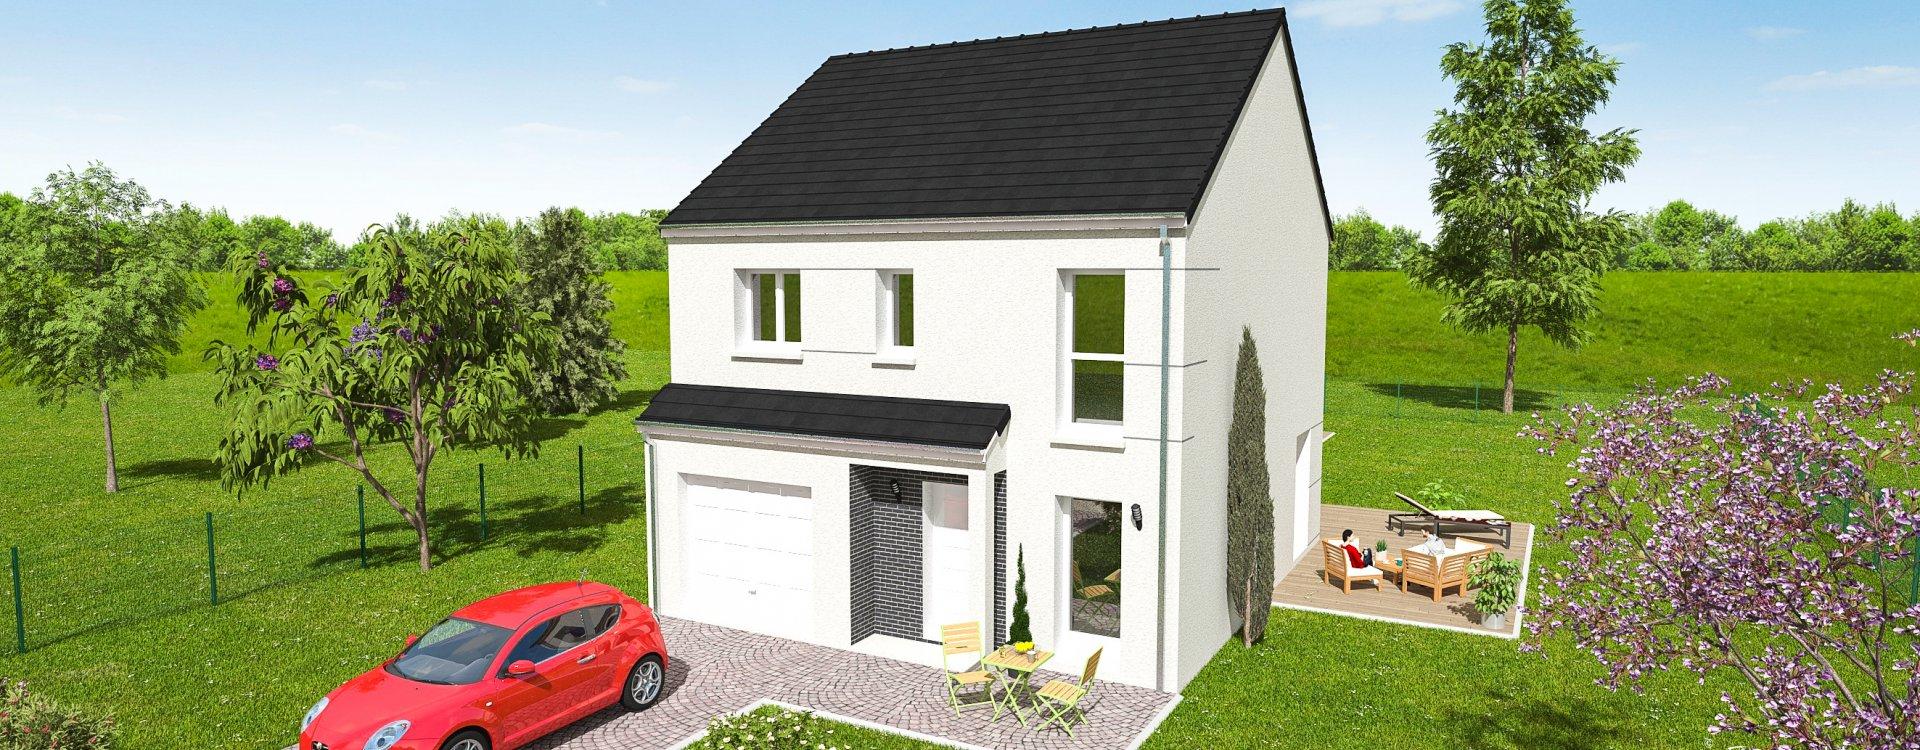 Maisons + Terrains du constructeur EASY HOUSE • 98 m² • SANDILLON